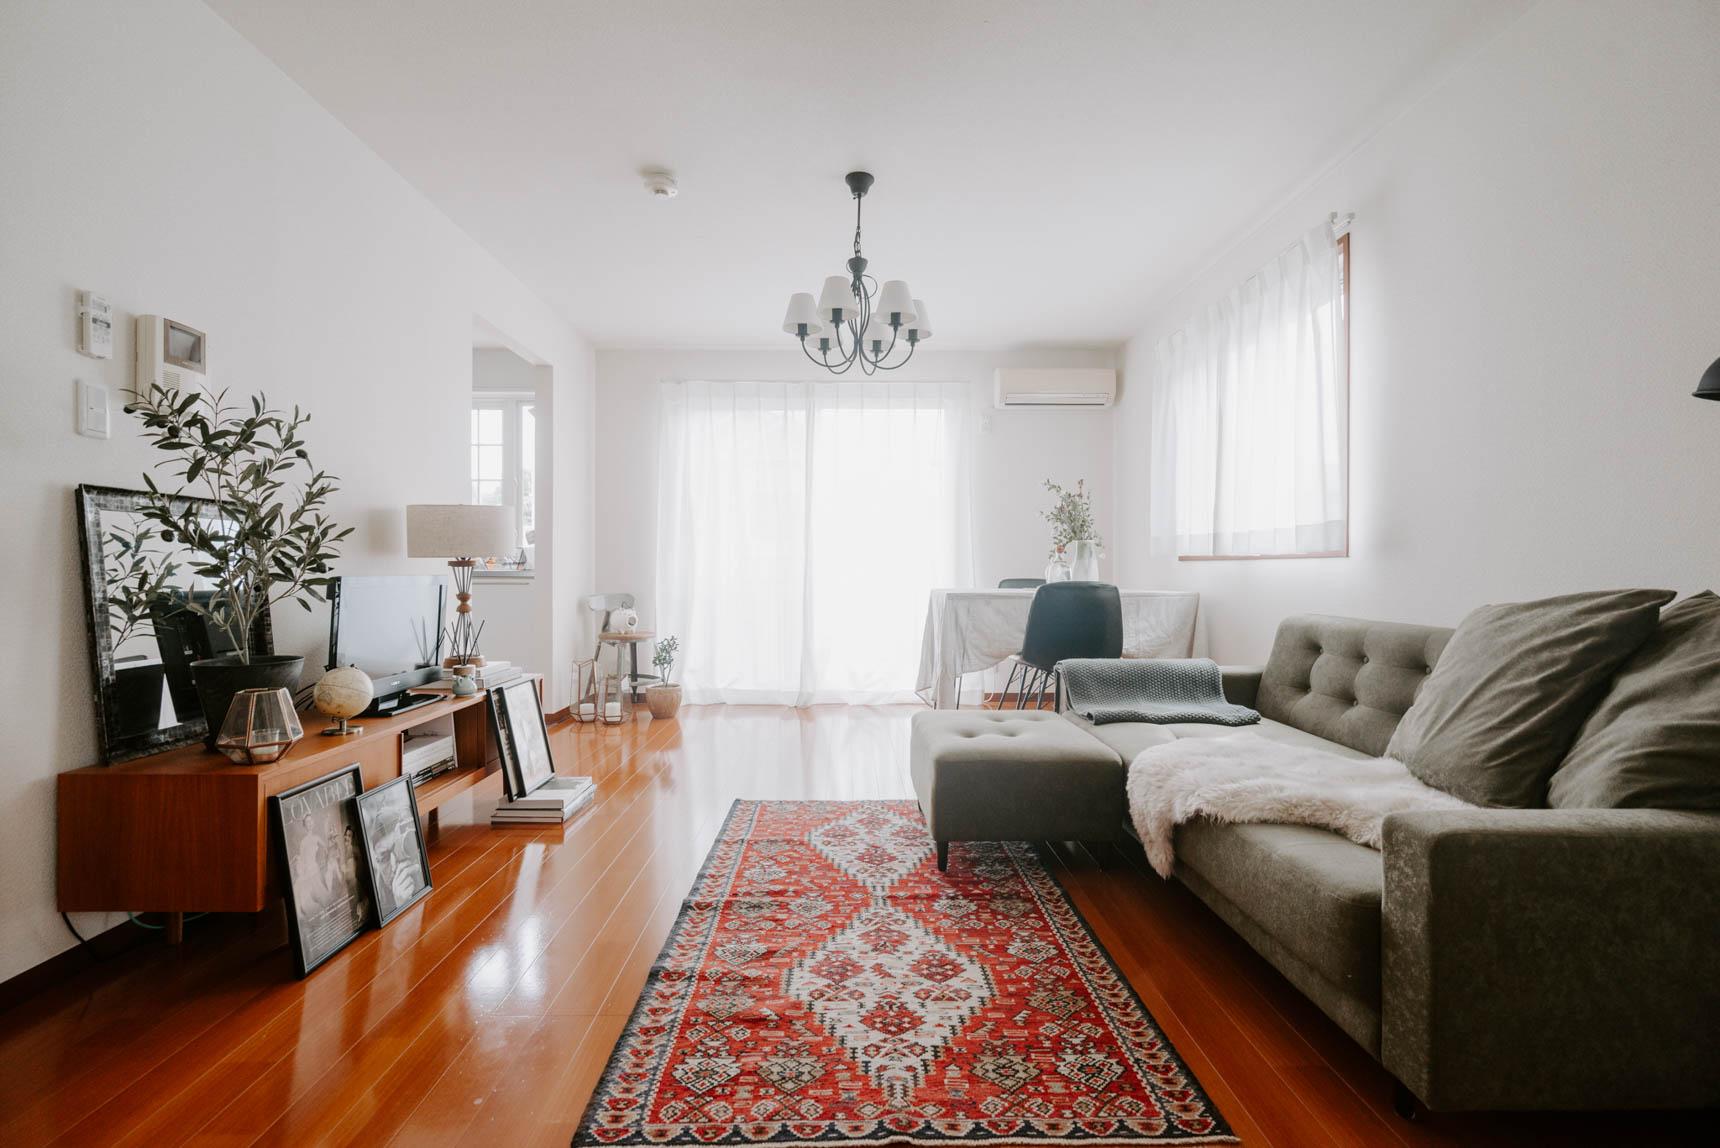 L字のソファなら、壁に寄せて空間を有効活用しつつ、ゆるく空間を仕切る効果もあります。